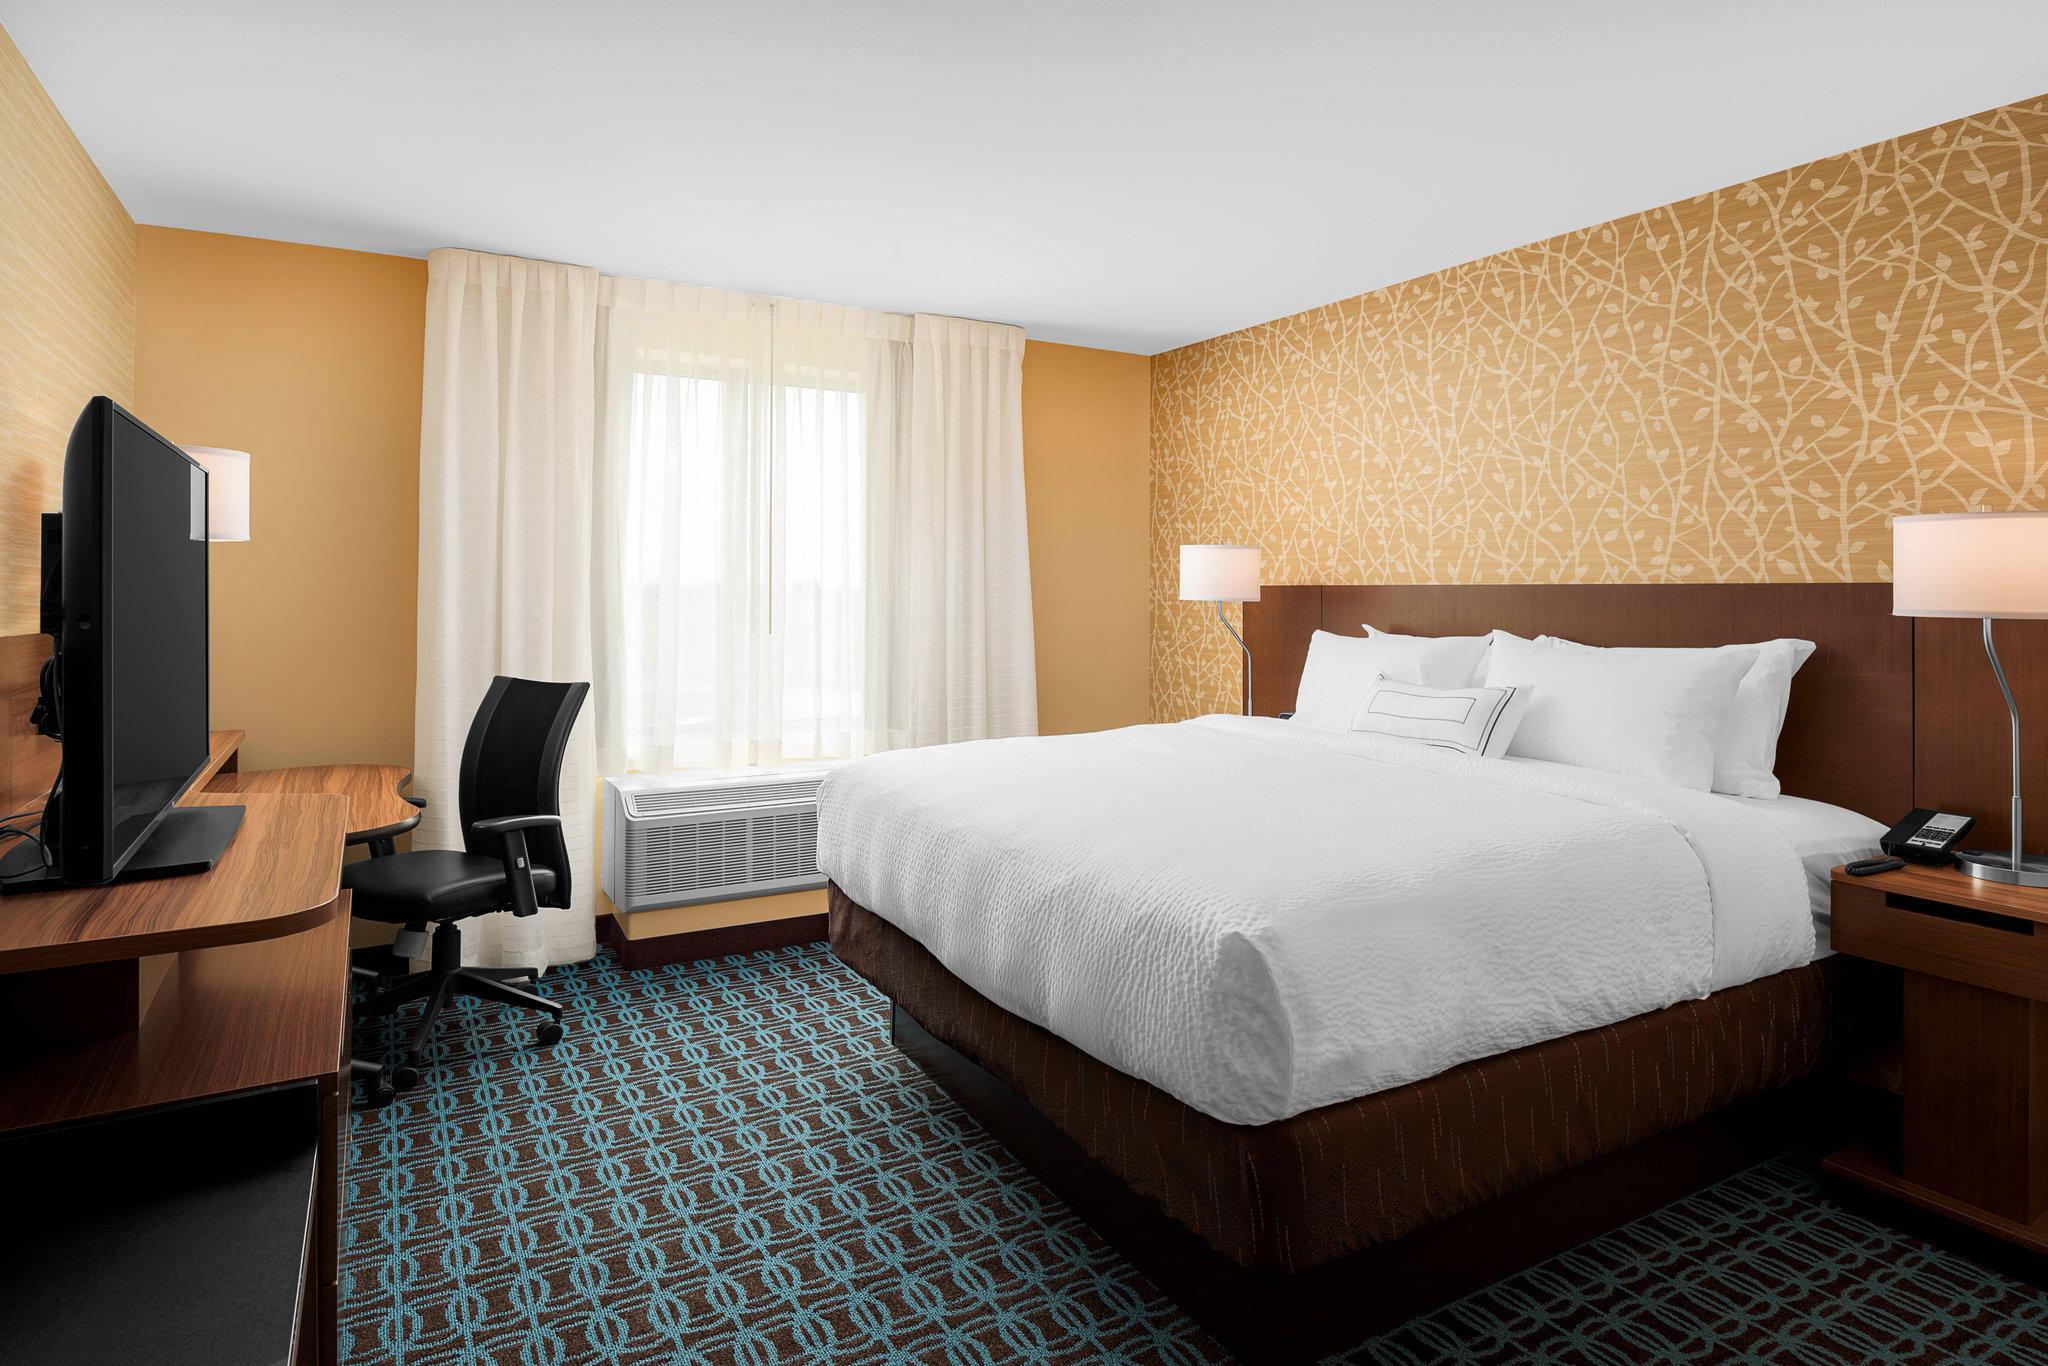 Fairfield Inn & Suites by Marriott Memphis Marion, AR